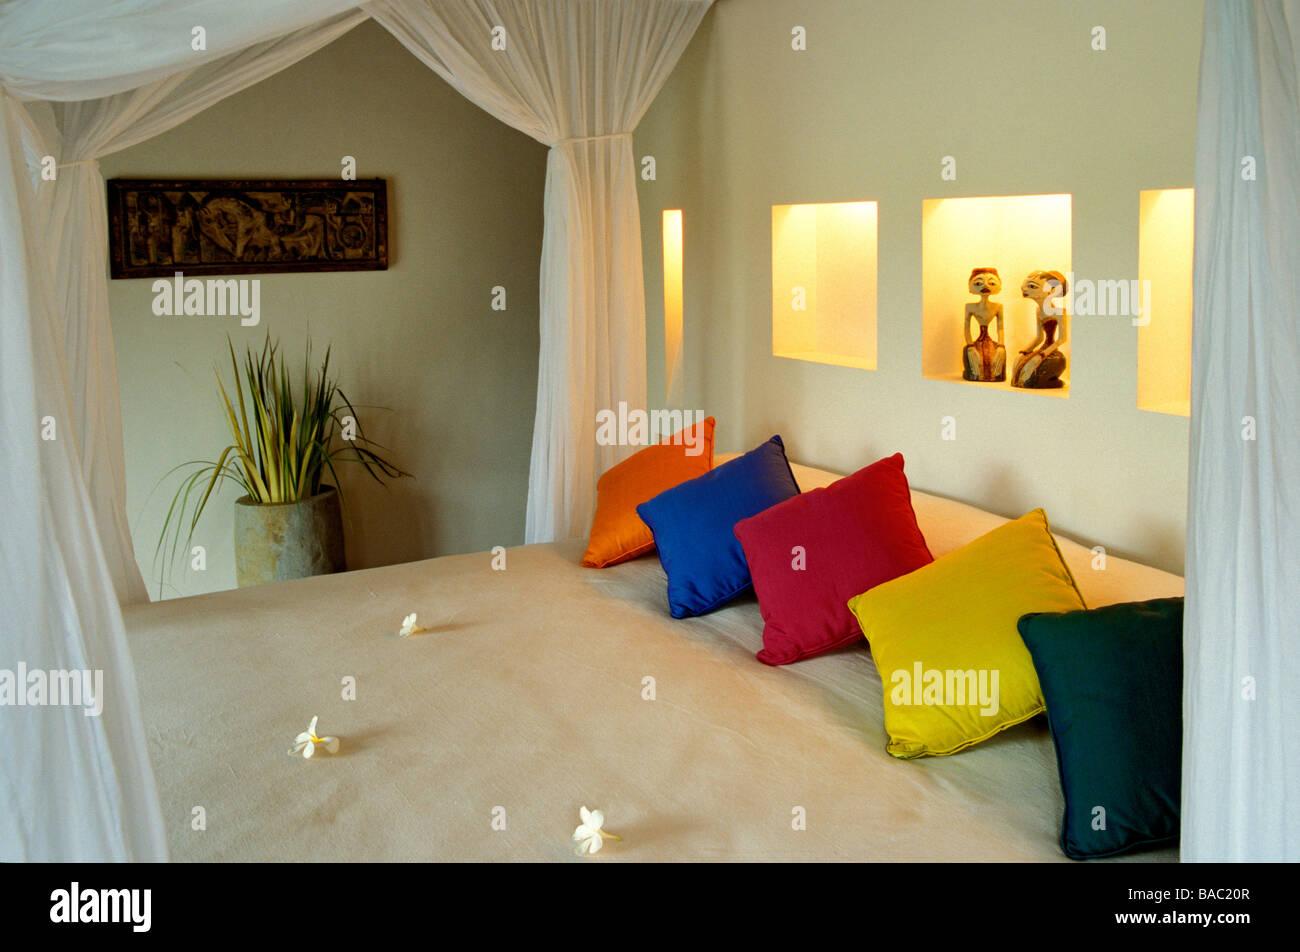 Indonesia, Bali, la camera da letto di una vista panoramica ...